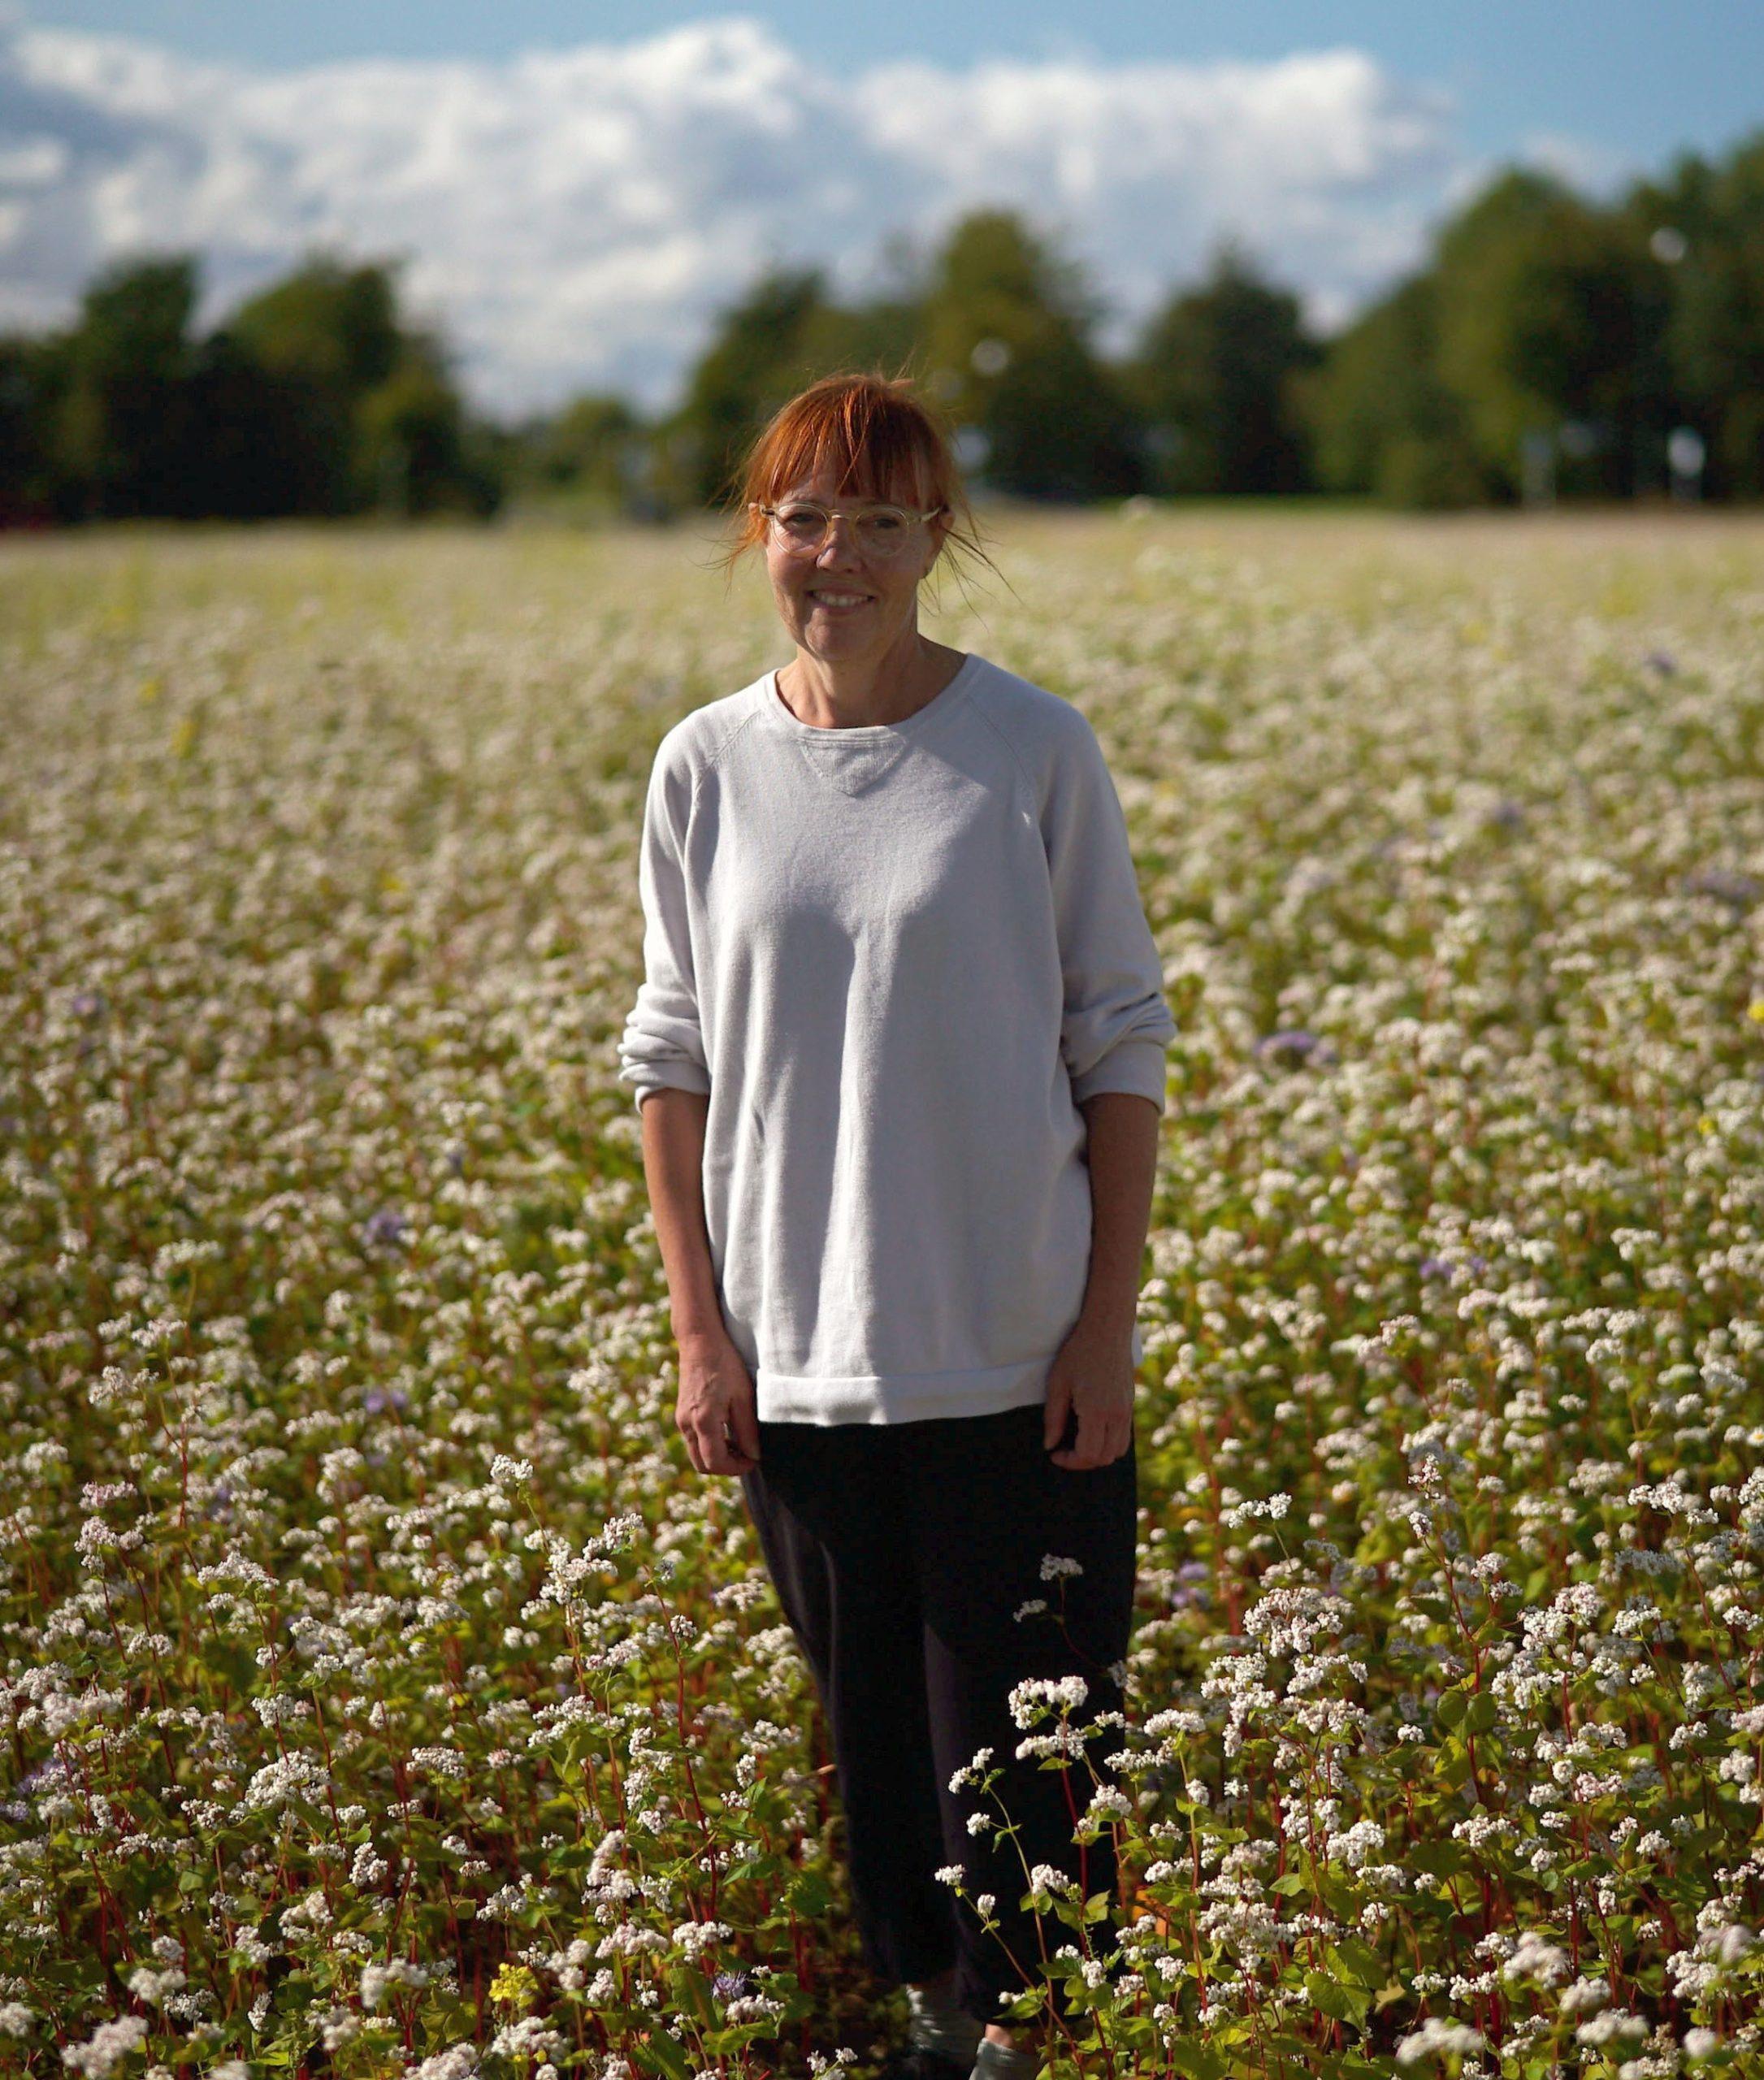 3 oktober 2020 Österlens museum Visning av utställningen Livs medel Foto Johanna Schartau scaled österlen.se